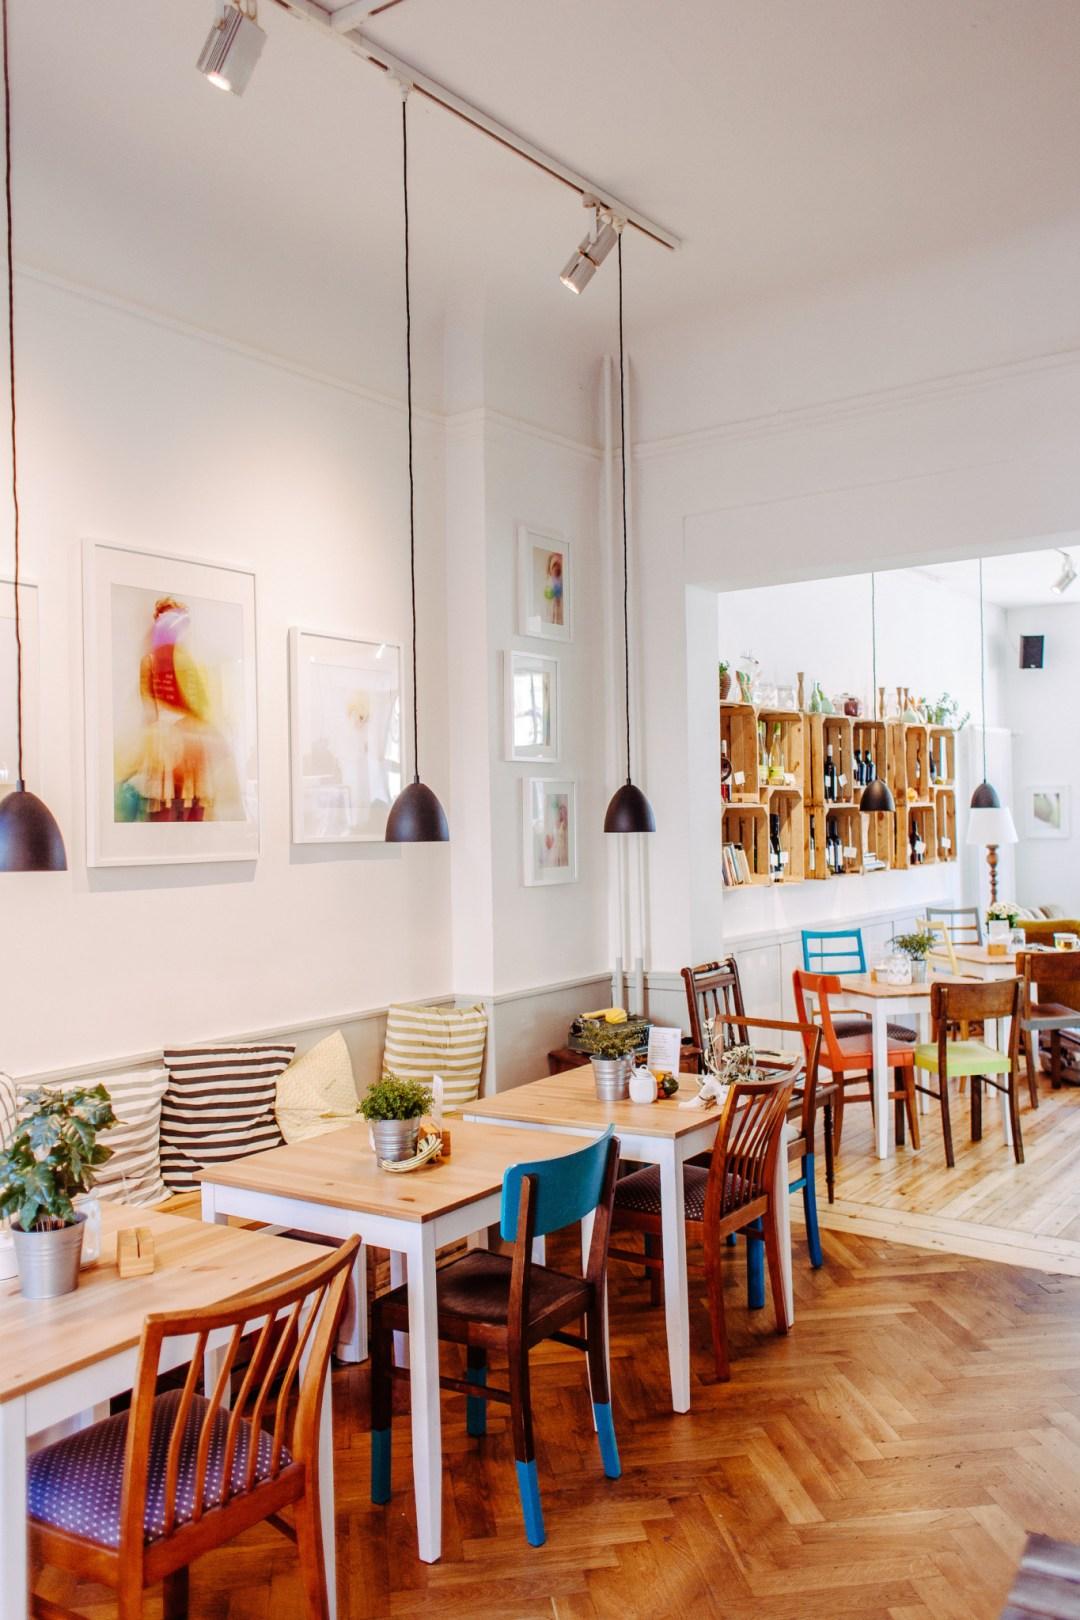 Entspanntes Ambiente bei Suppe mag Brot. Fotos von Rebekka Weiland.